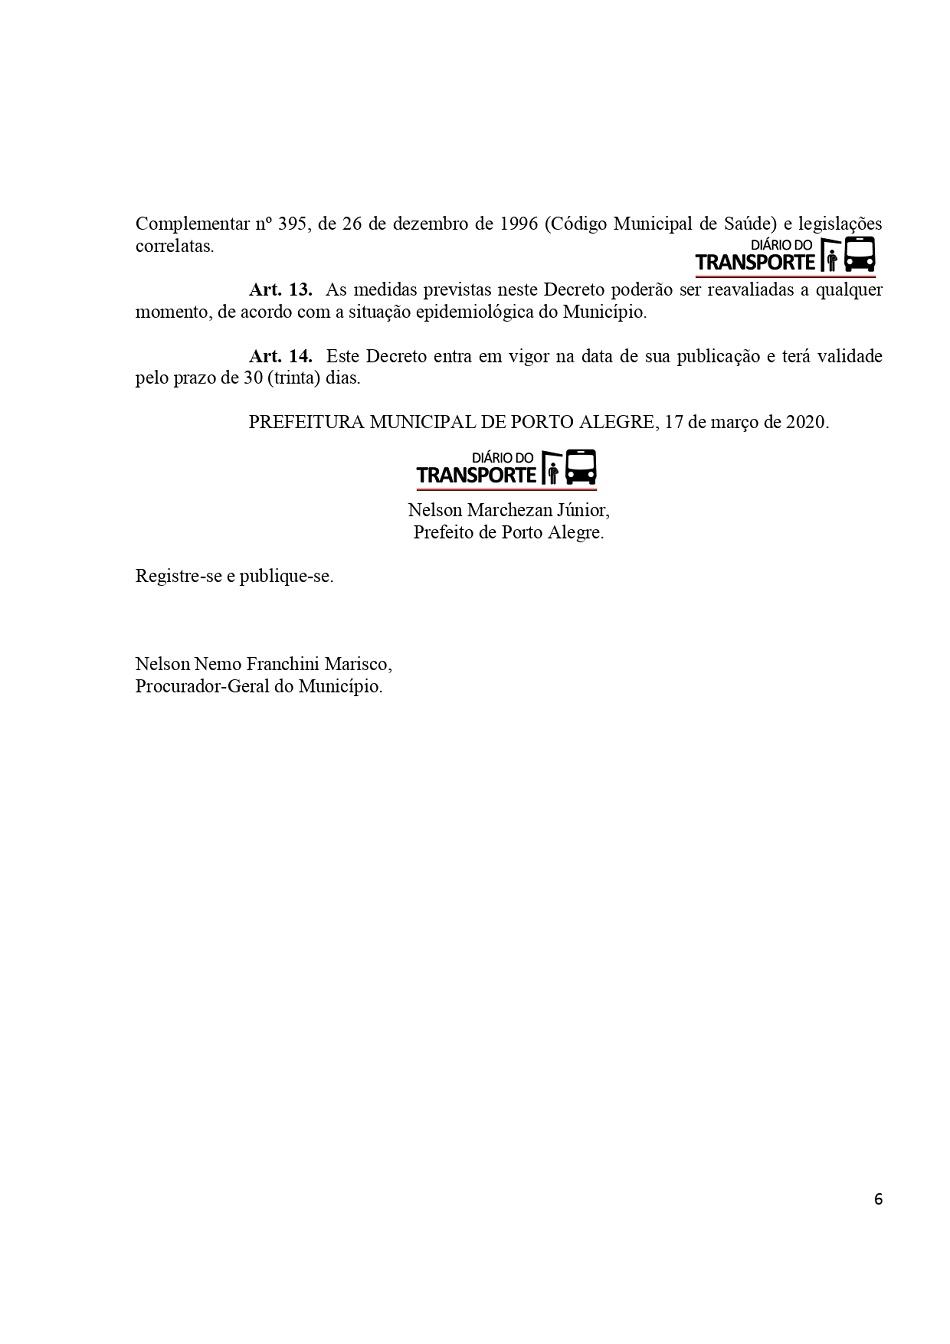 Decreto_POA_06